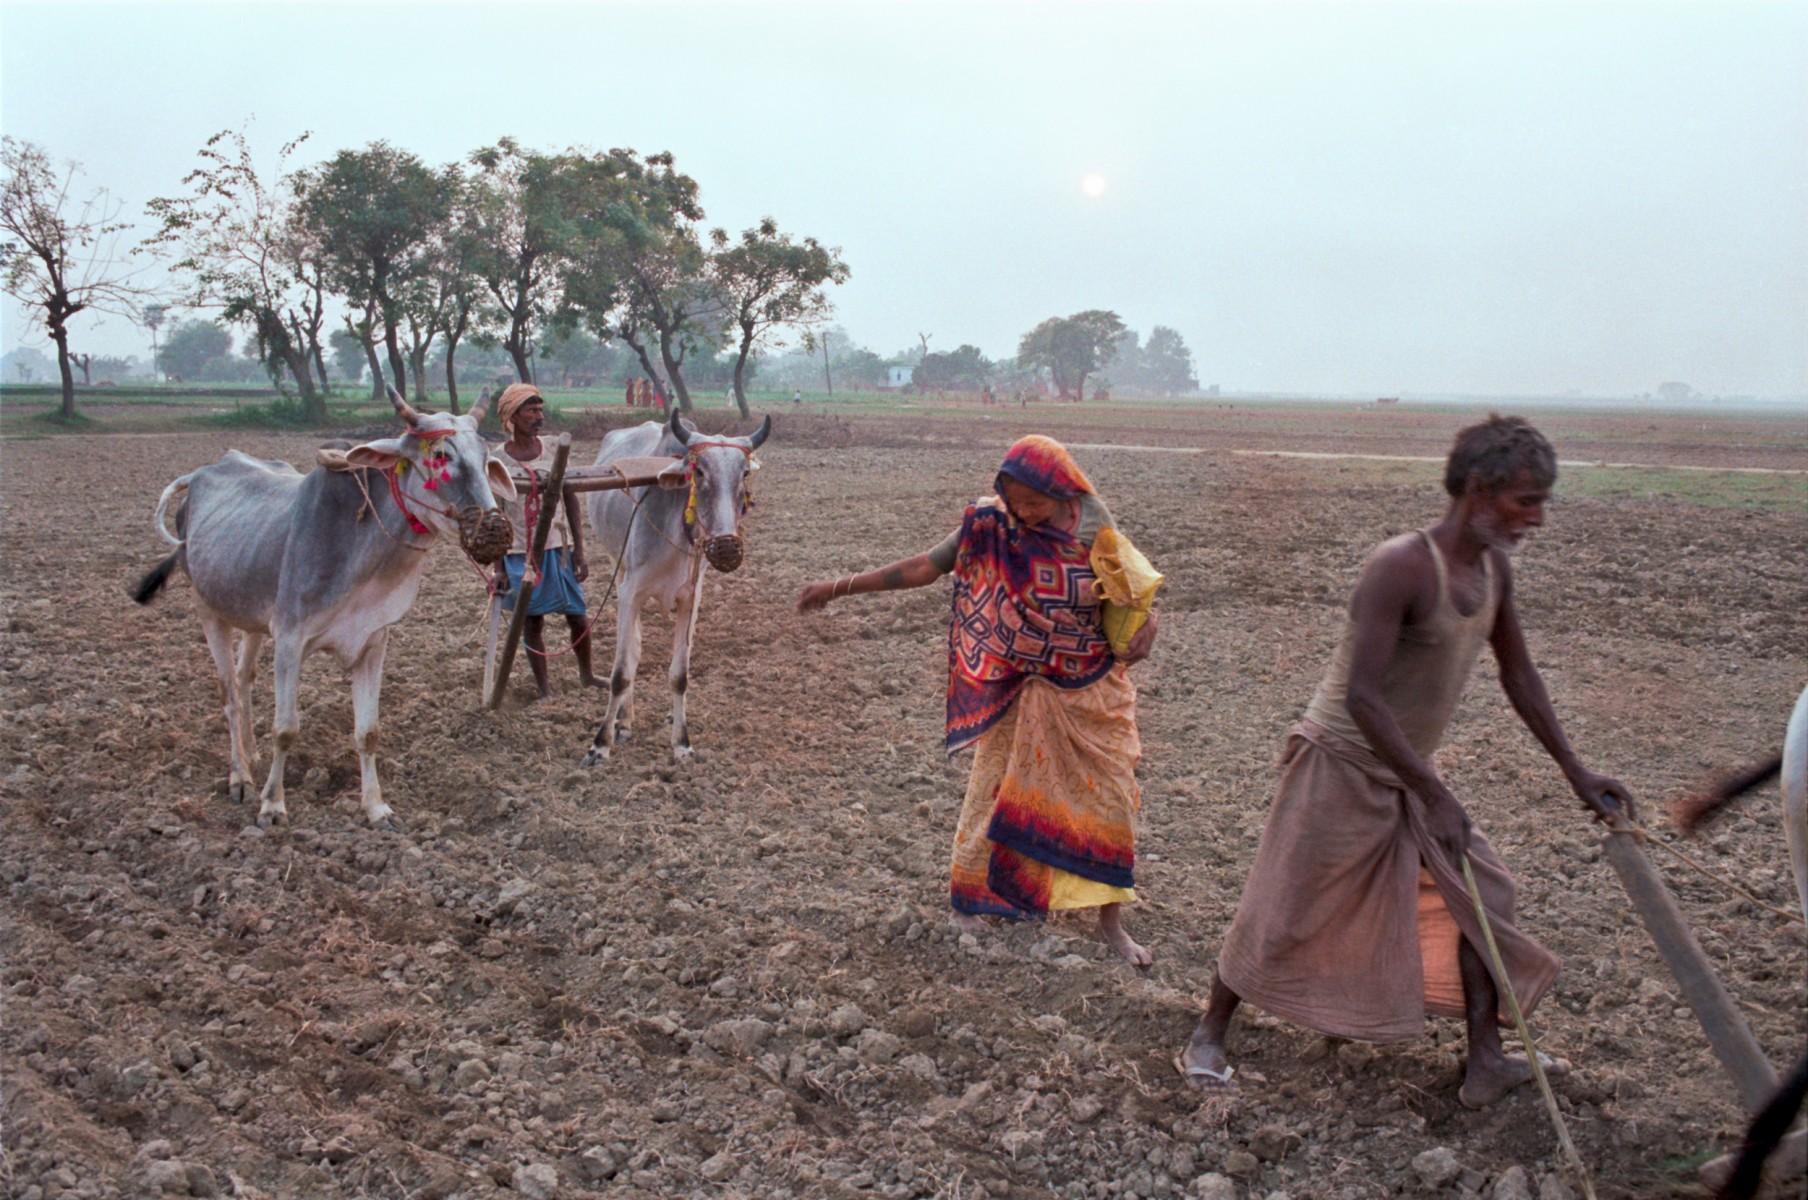 Sowing seeds, Bihar